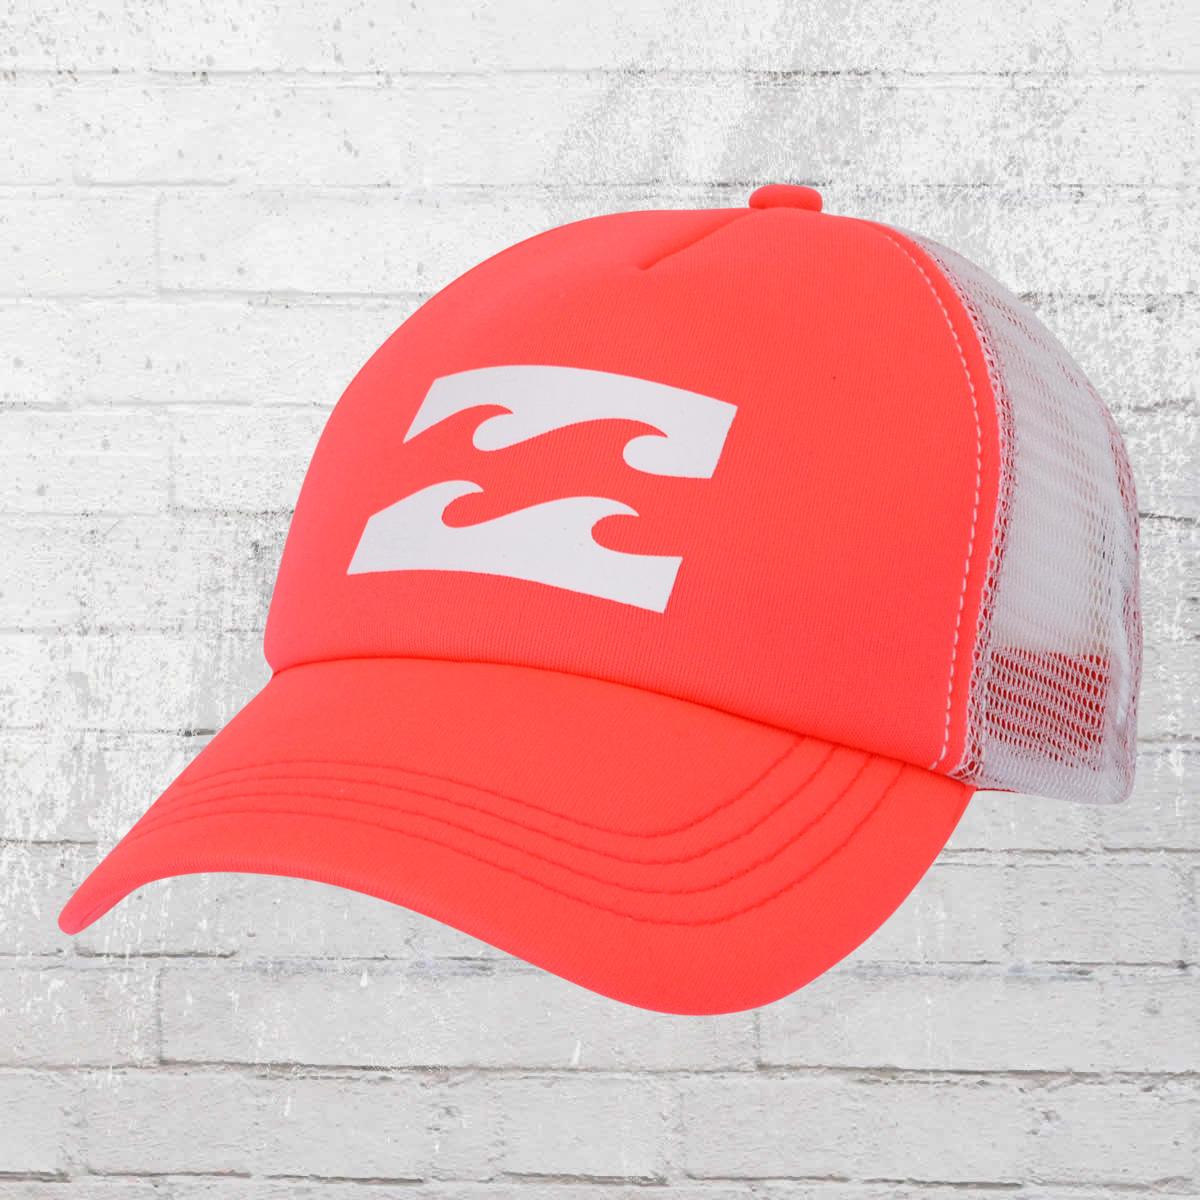 758e04444 Order now | Billabong Trucker Cap Hat neon red